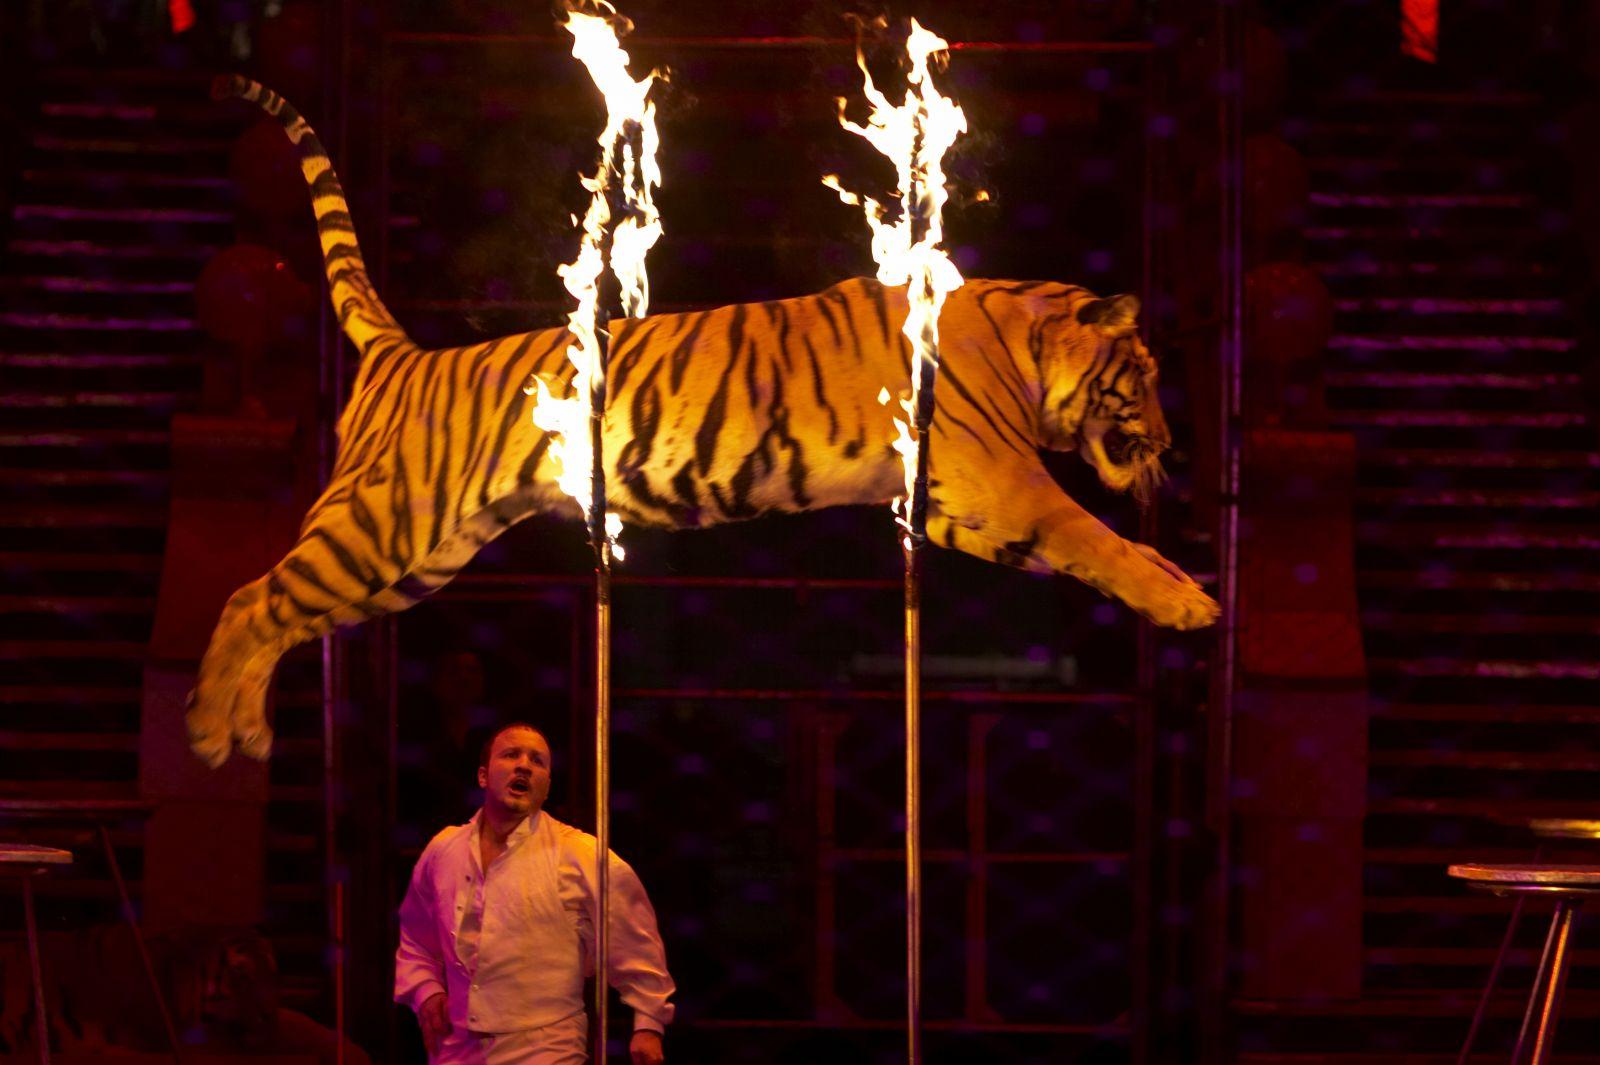 Украинцев призывают отказаться от цирков с животными. Петиция - фото №1